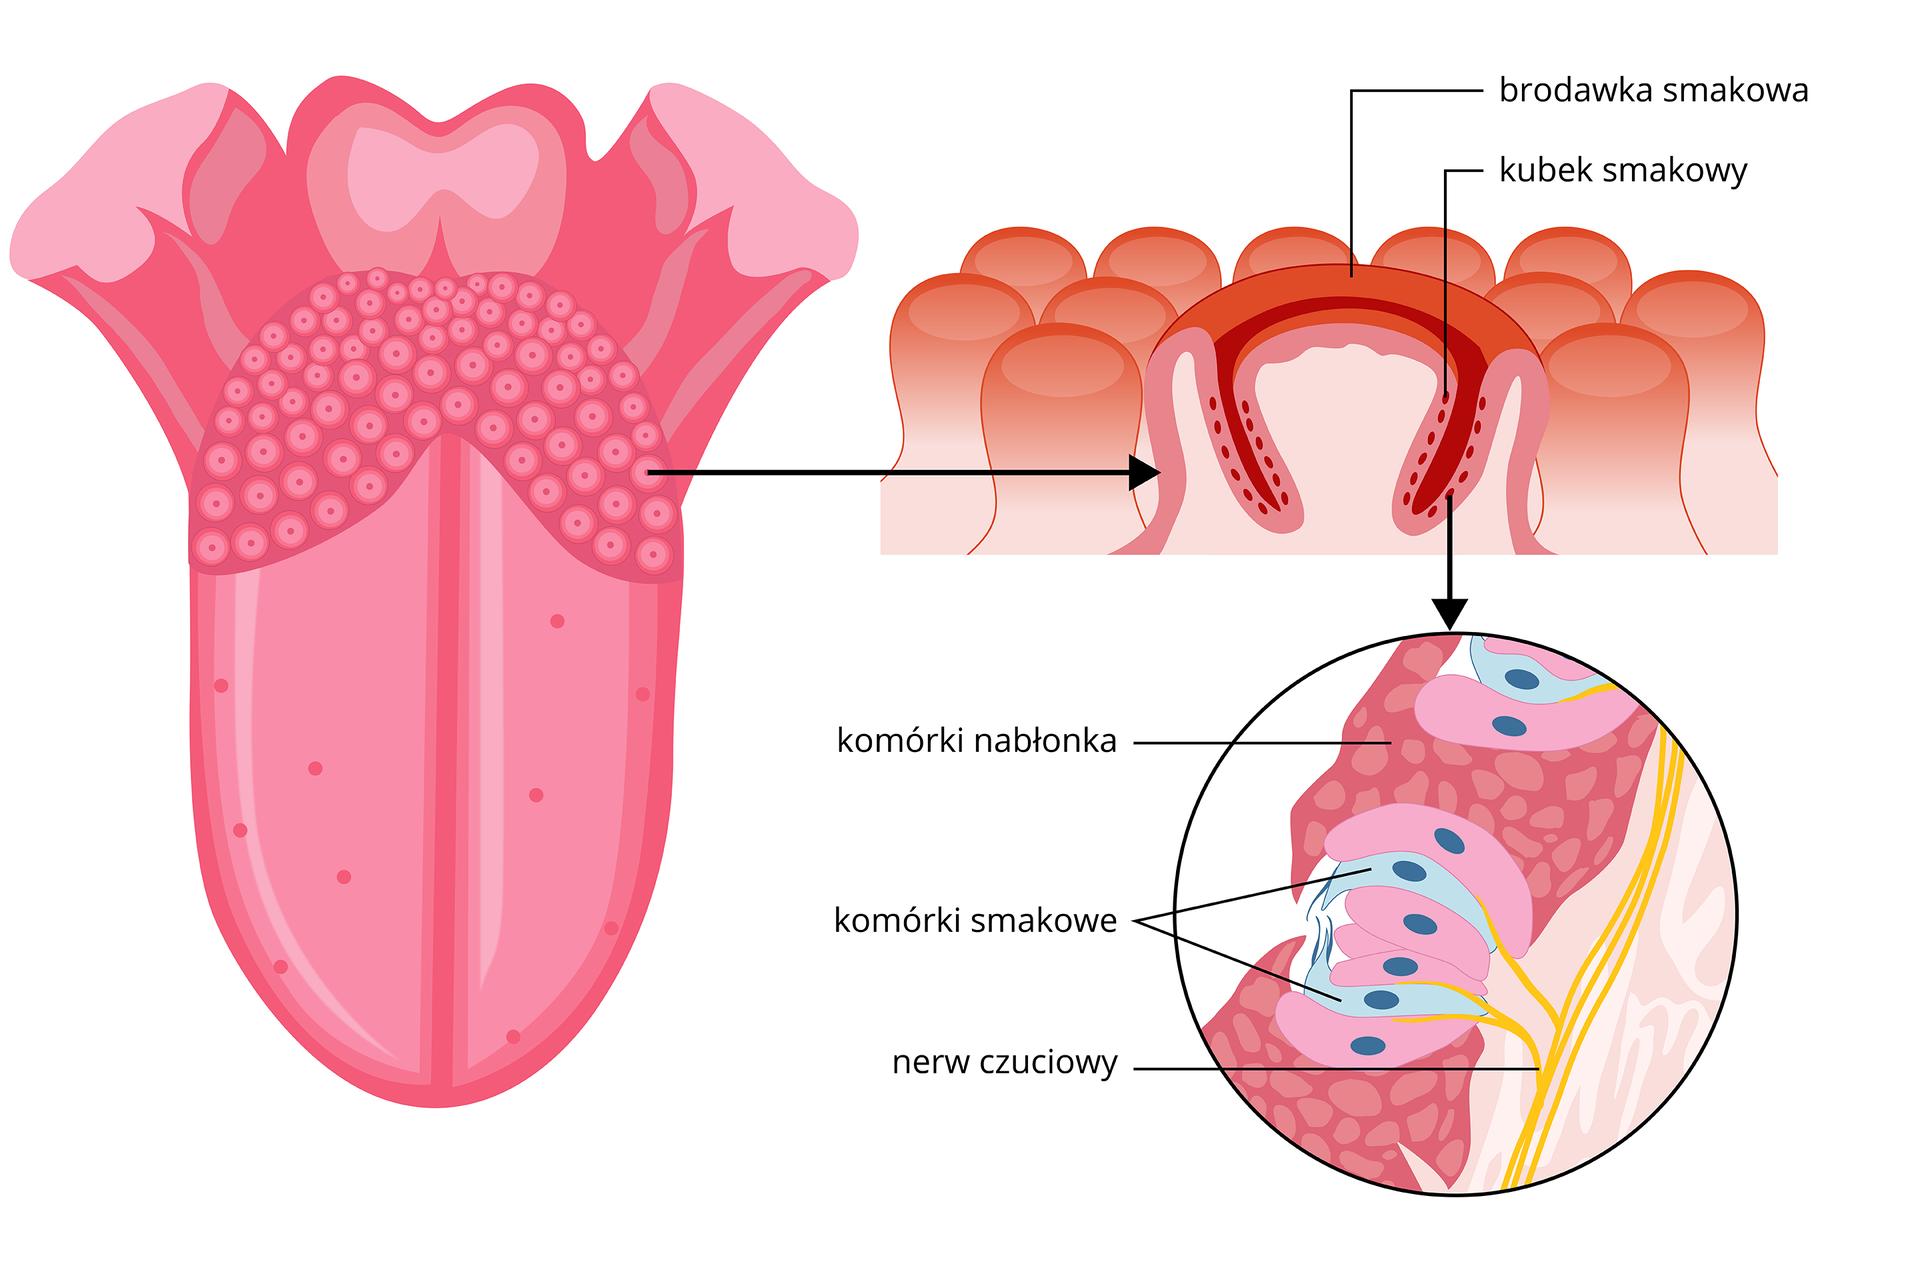 Ilustracja przedstawia duży różowy język. Na jego powierzchni znajdują się różne kropki. Powiększenie zprawej to pomarańczowo – różowe słupki, czyli brodawki smakowe na języku. Wich ścianach znajdują się kubki smakowe. Wkolejnym powiększeniu wkubku smakowym błękitne komórki smakowe znajdują się pomiędzy różowymi komórkami nabłonka. Od nich odchodzą nerwy smakowe.